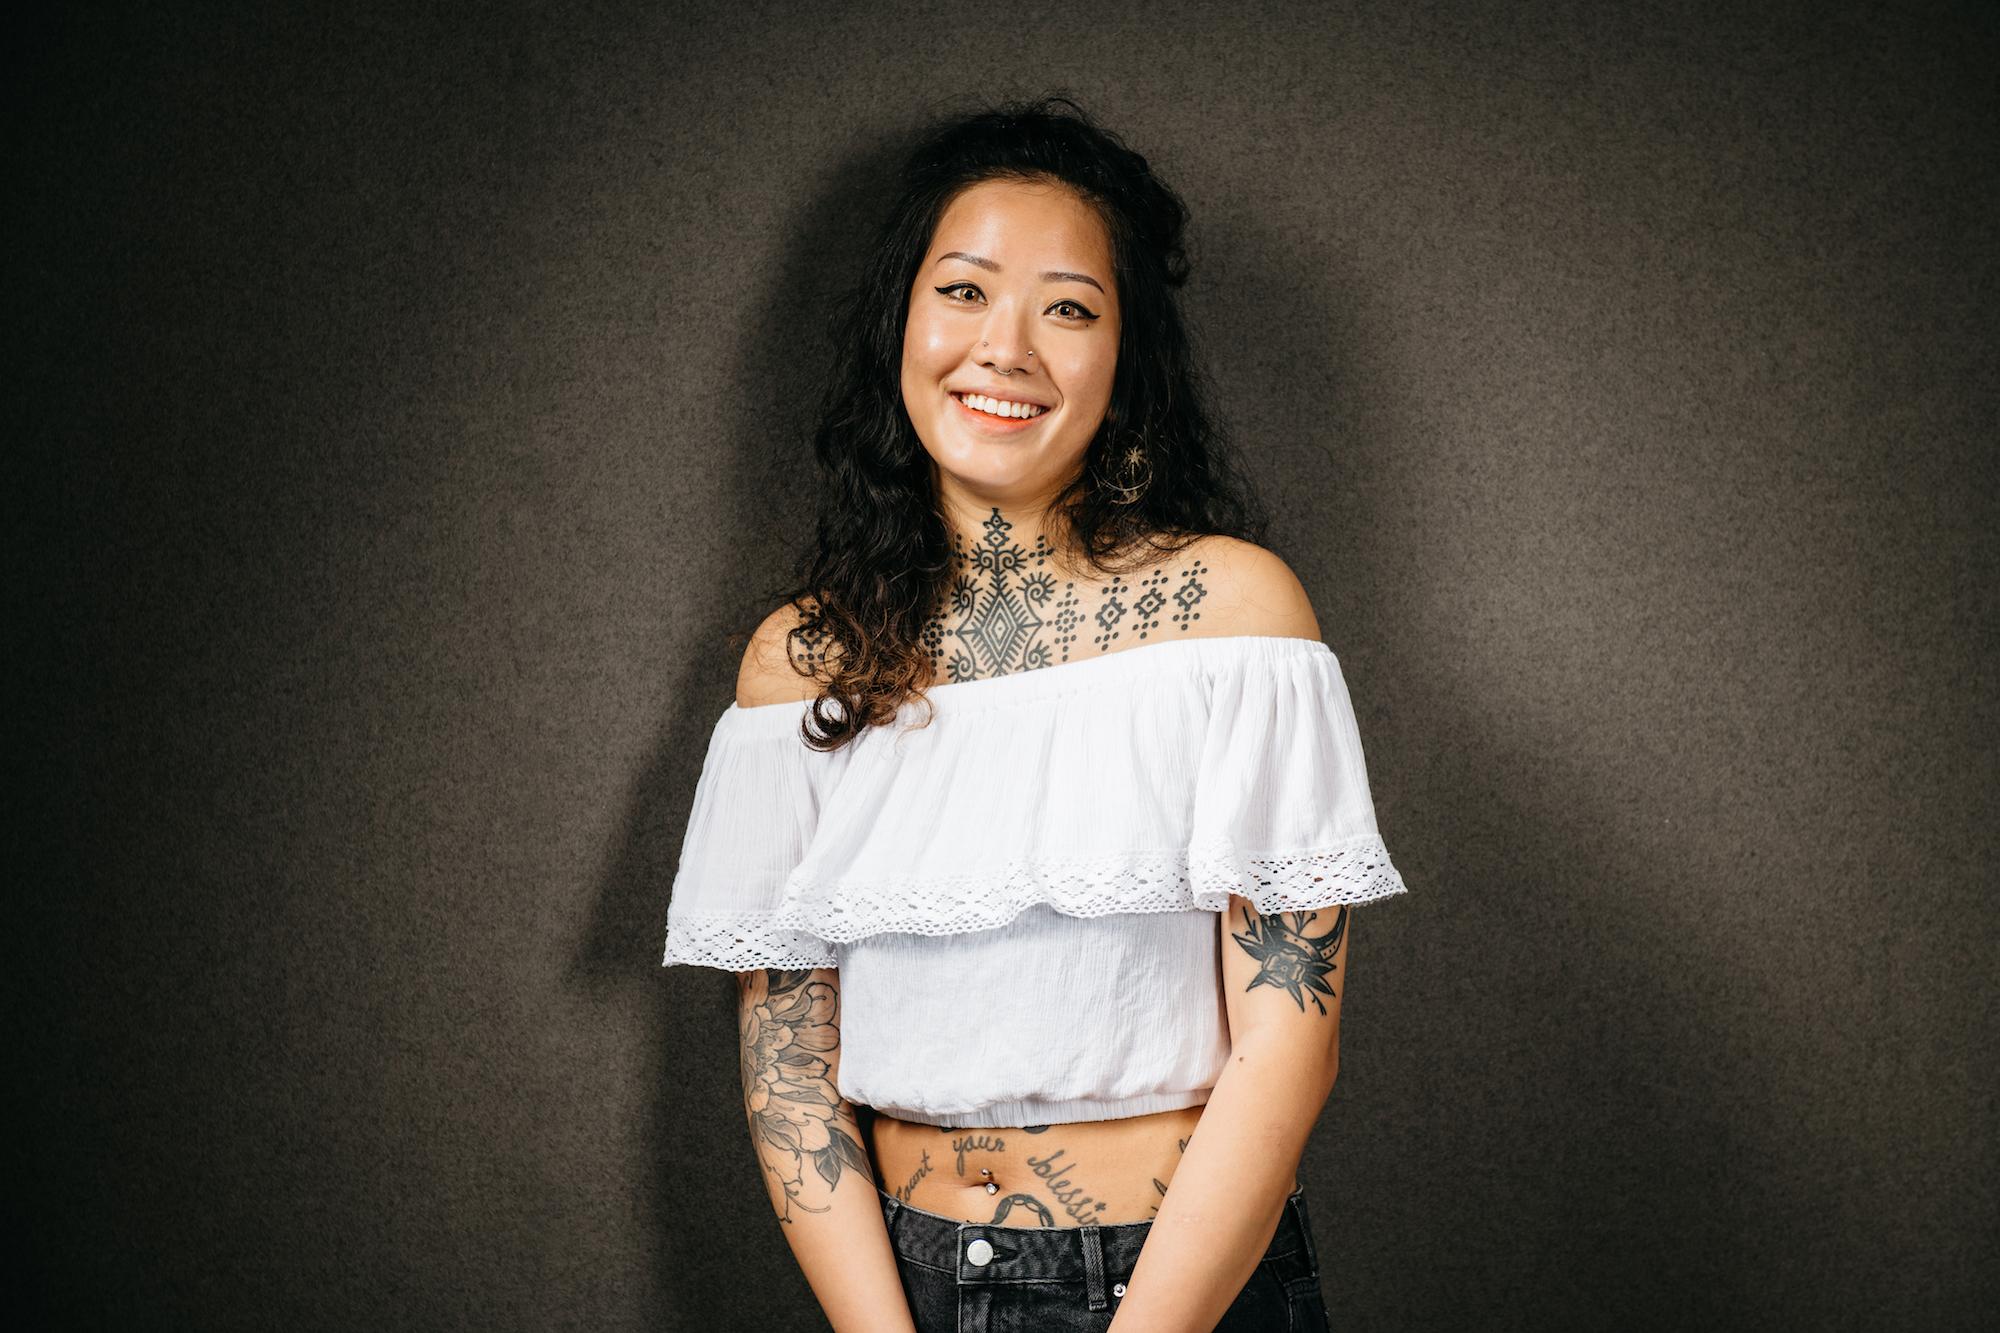 Olivia lim, tattoo